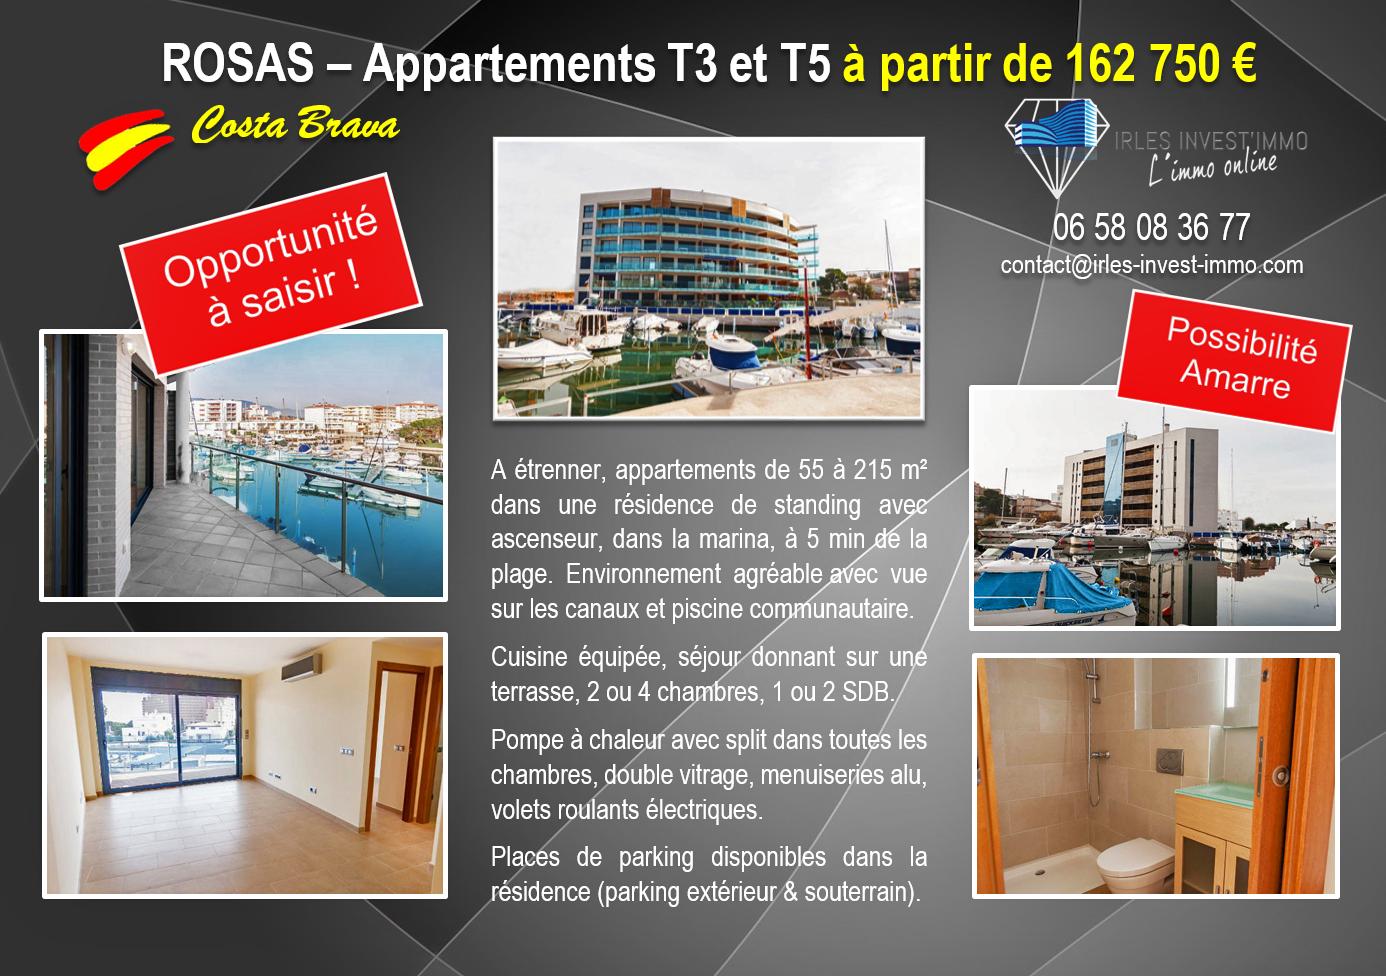 ROSES, Appartements T3 et T5 avec Vue sur les Canaux